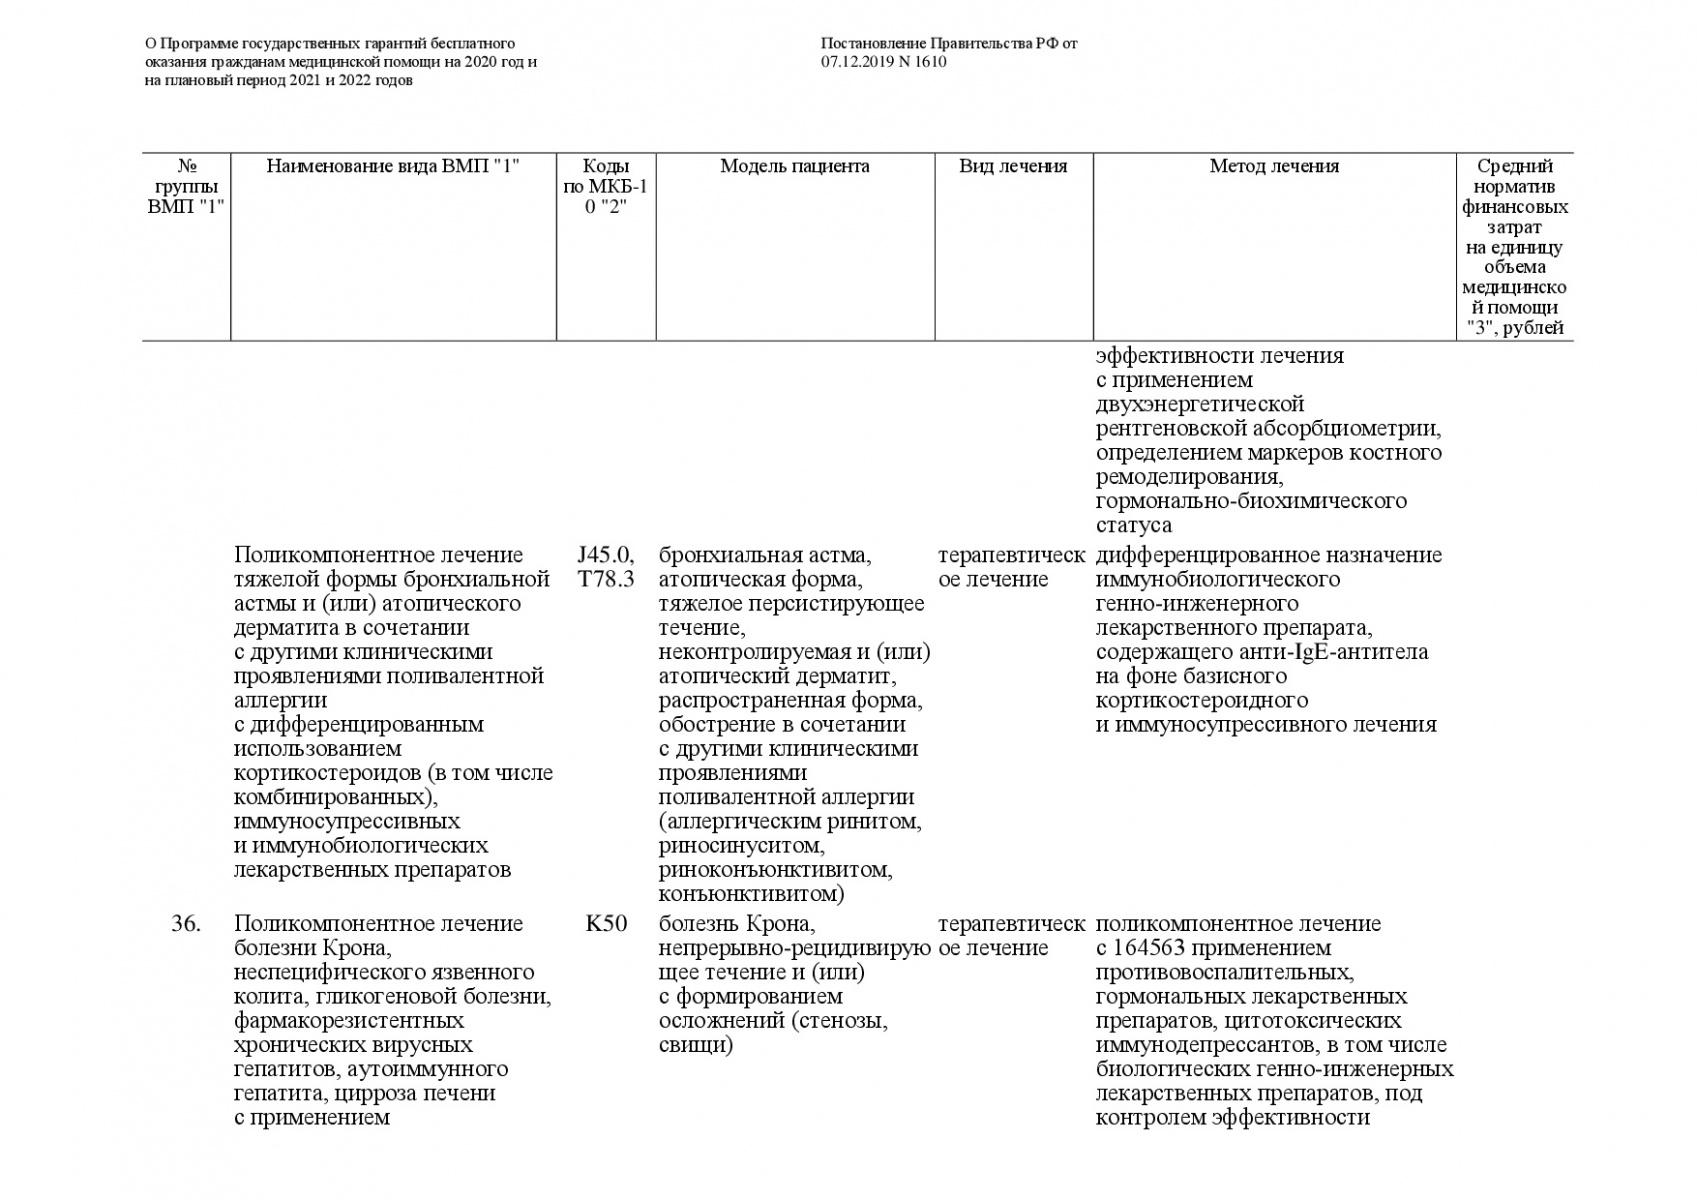 Postanovlenie-Pravitelstva-RF-ot-07_12_2019-1610-O-PGG-243